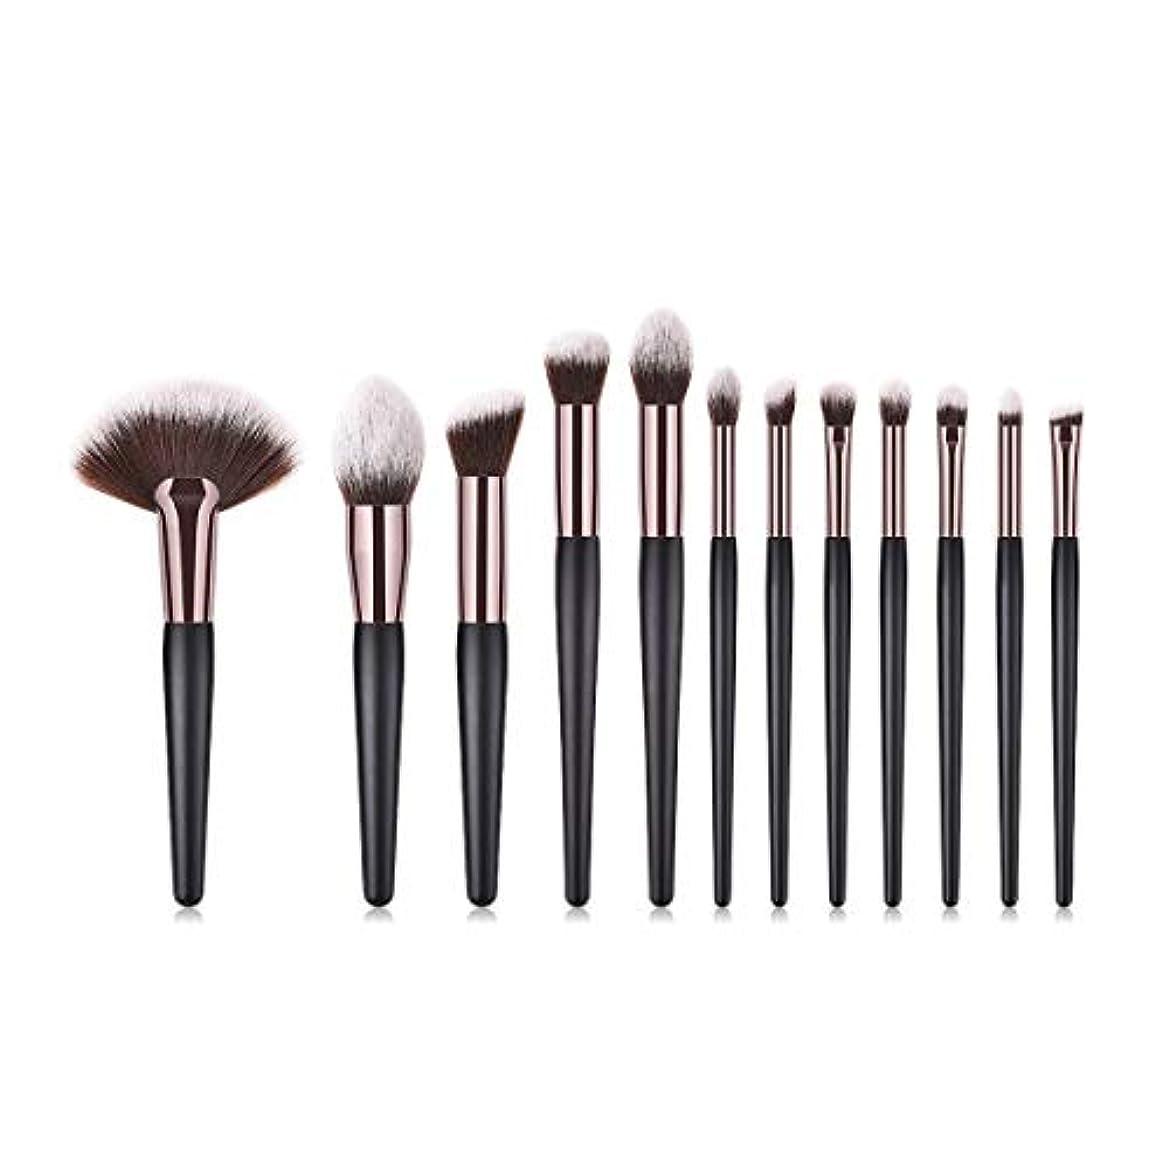 子羊つまずくフレームワークMakeup brushes 12化粧ブラシファンデーションブラシパウダーピンクブラッシュブラシアイシャドウブラシハイスクールグロスシルエットブラシセットブラシホワイト suits (Color : Black Gold)